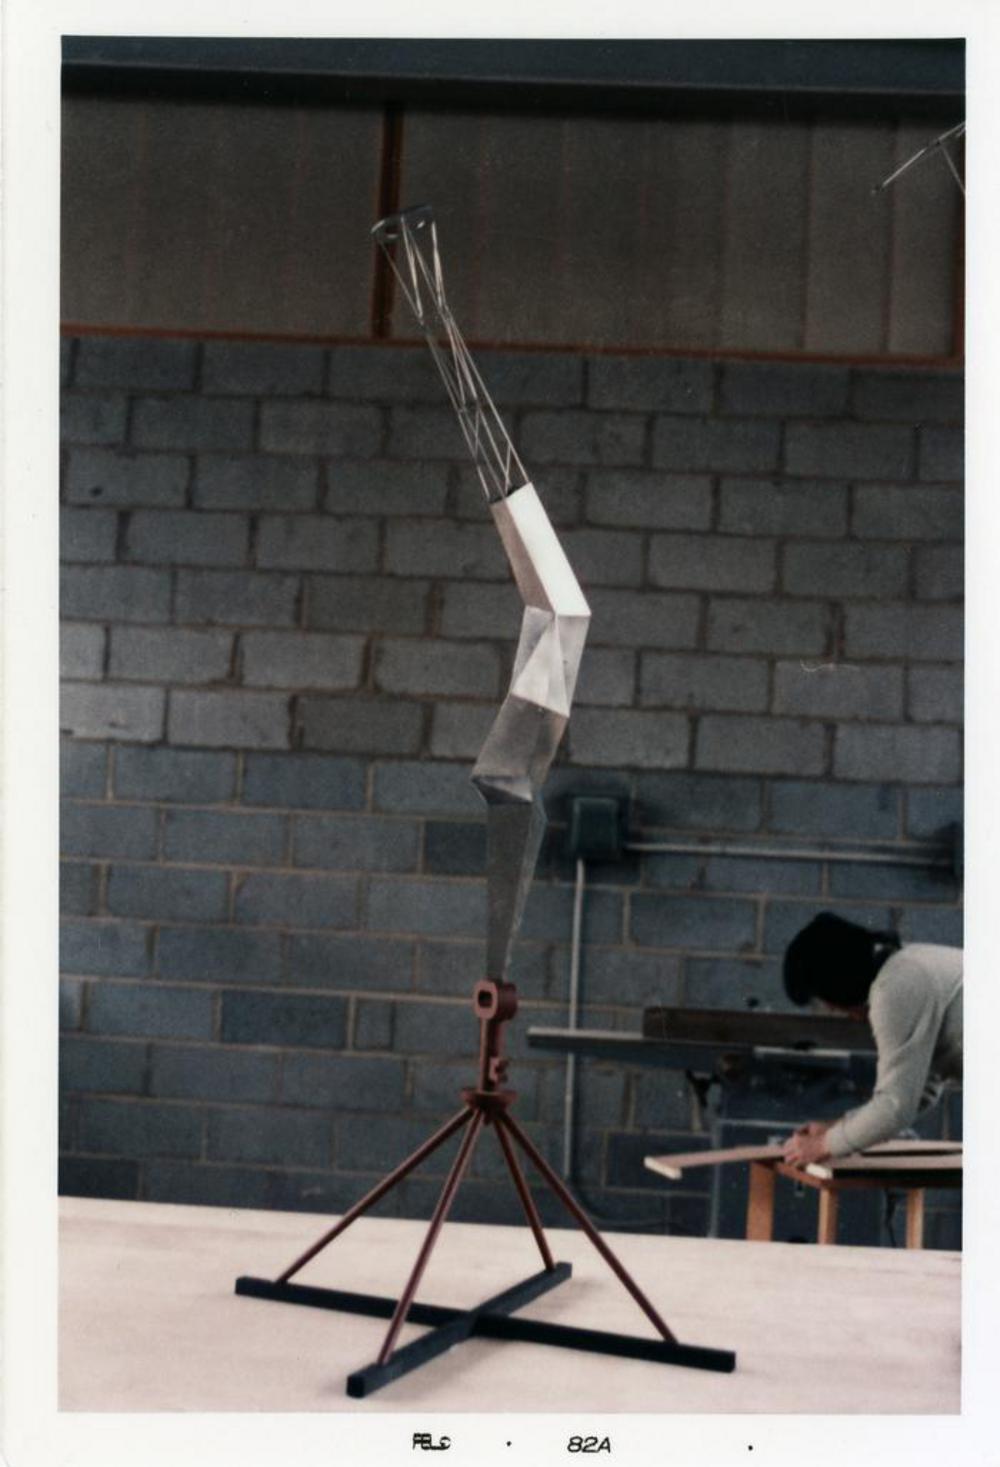 Model for Bolt of Lightning...Memorial to Ben Franklin, image 13